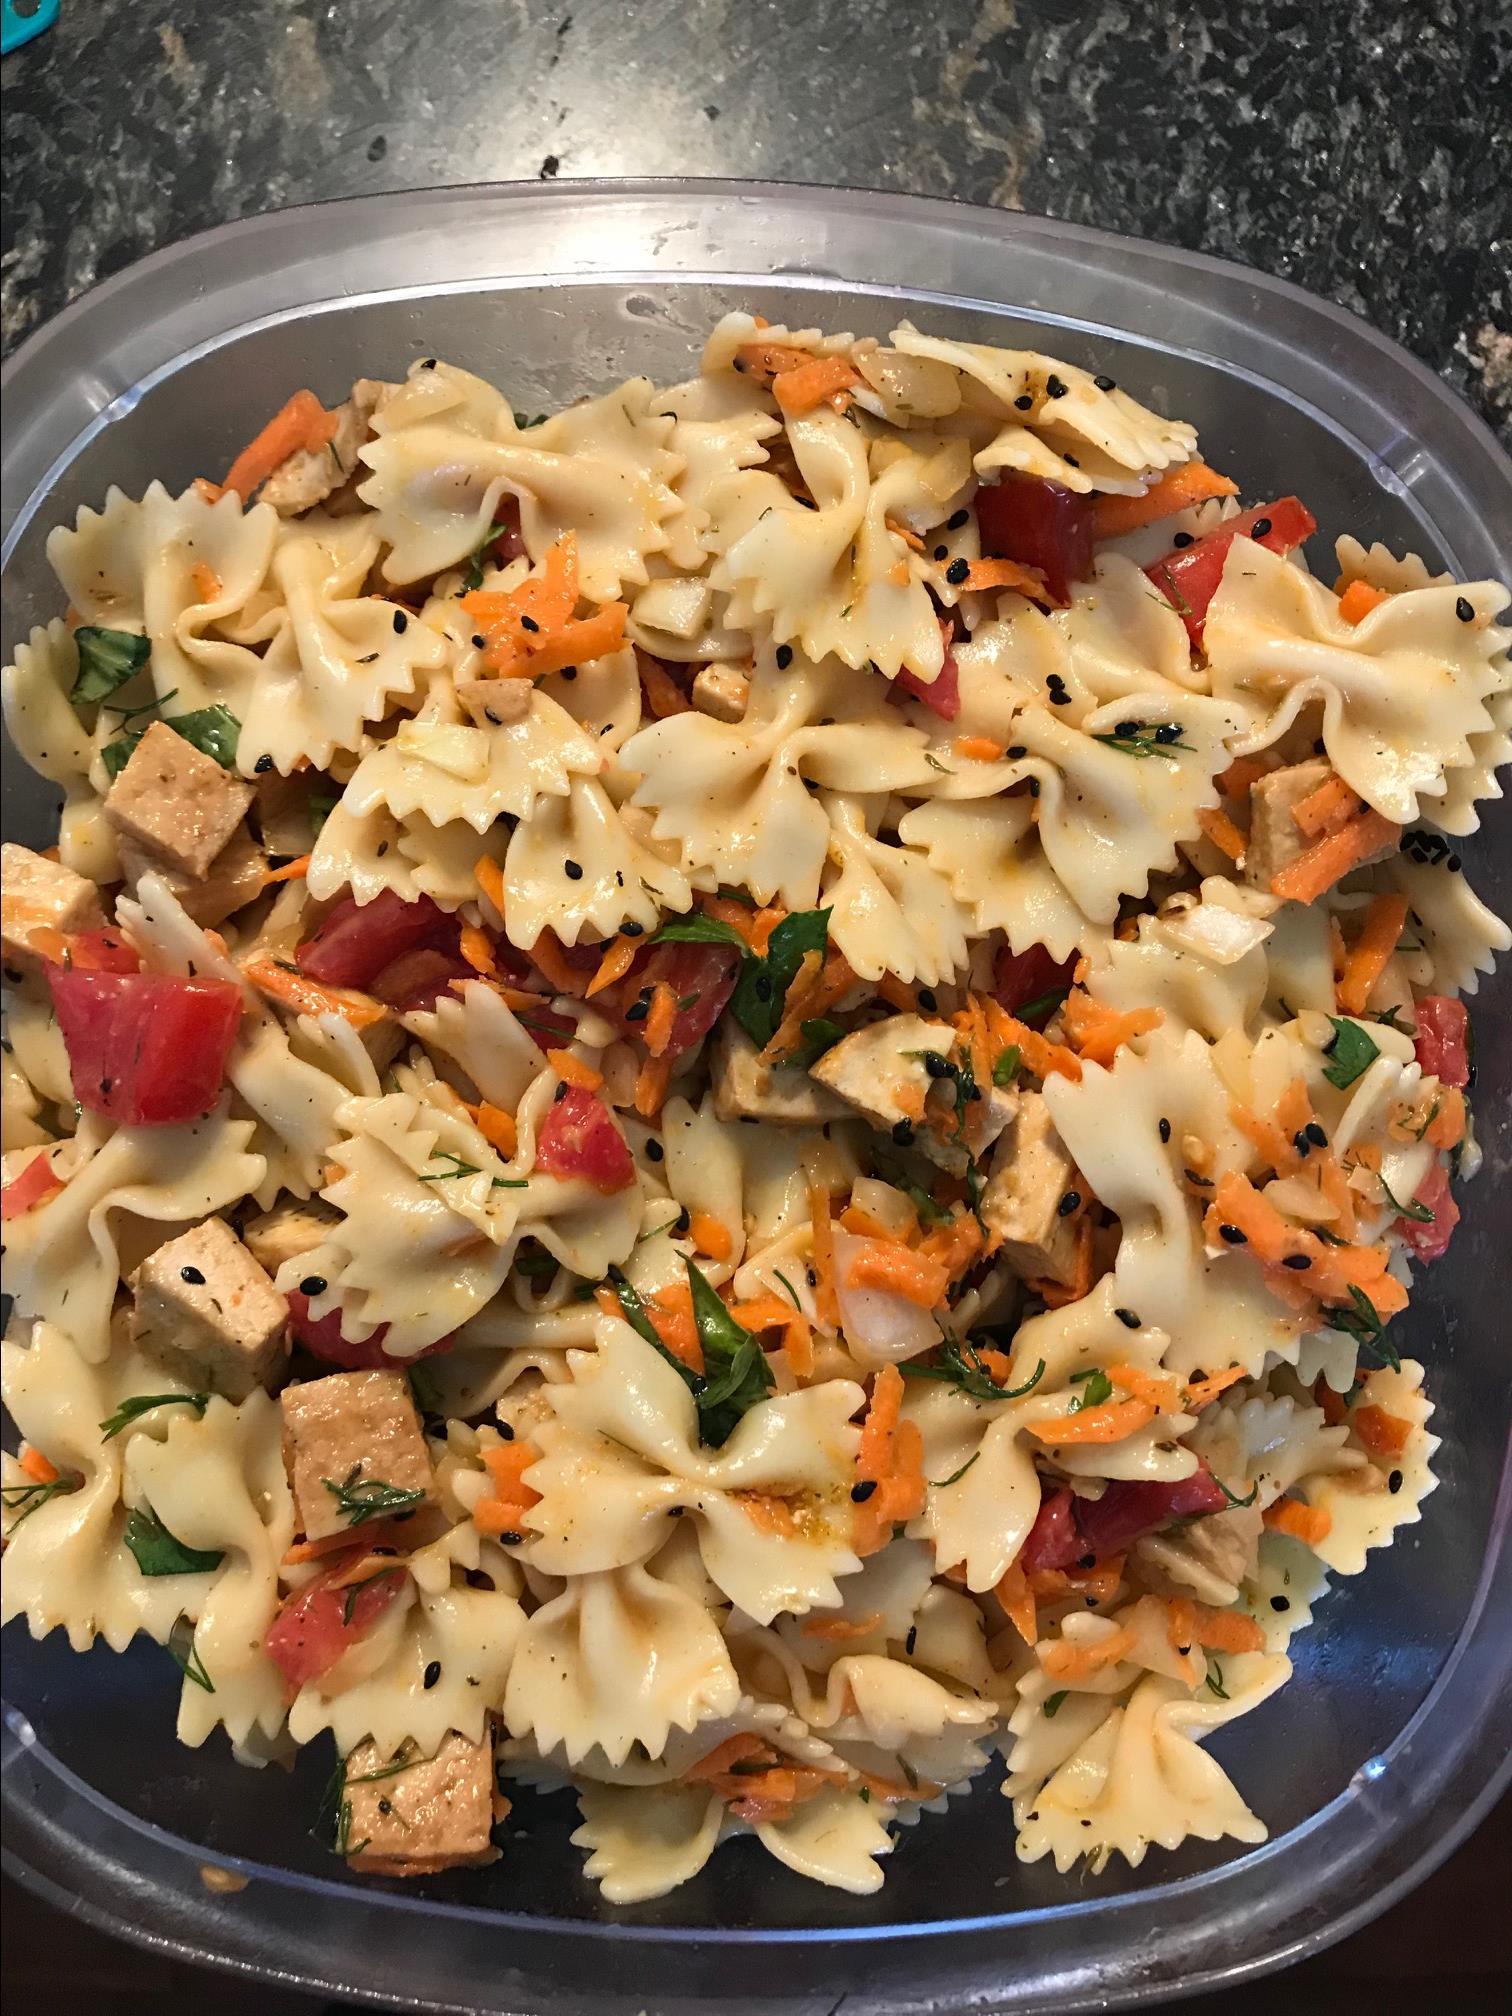 Tofu Pasta Salad cloverleaf_bella